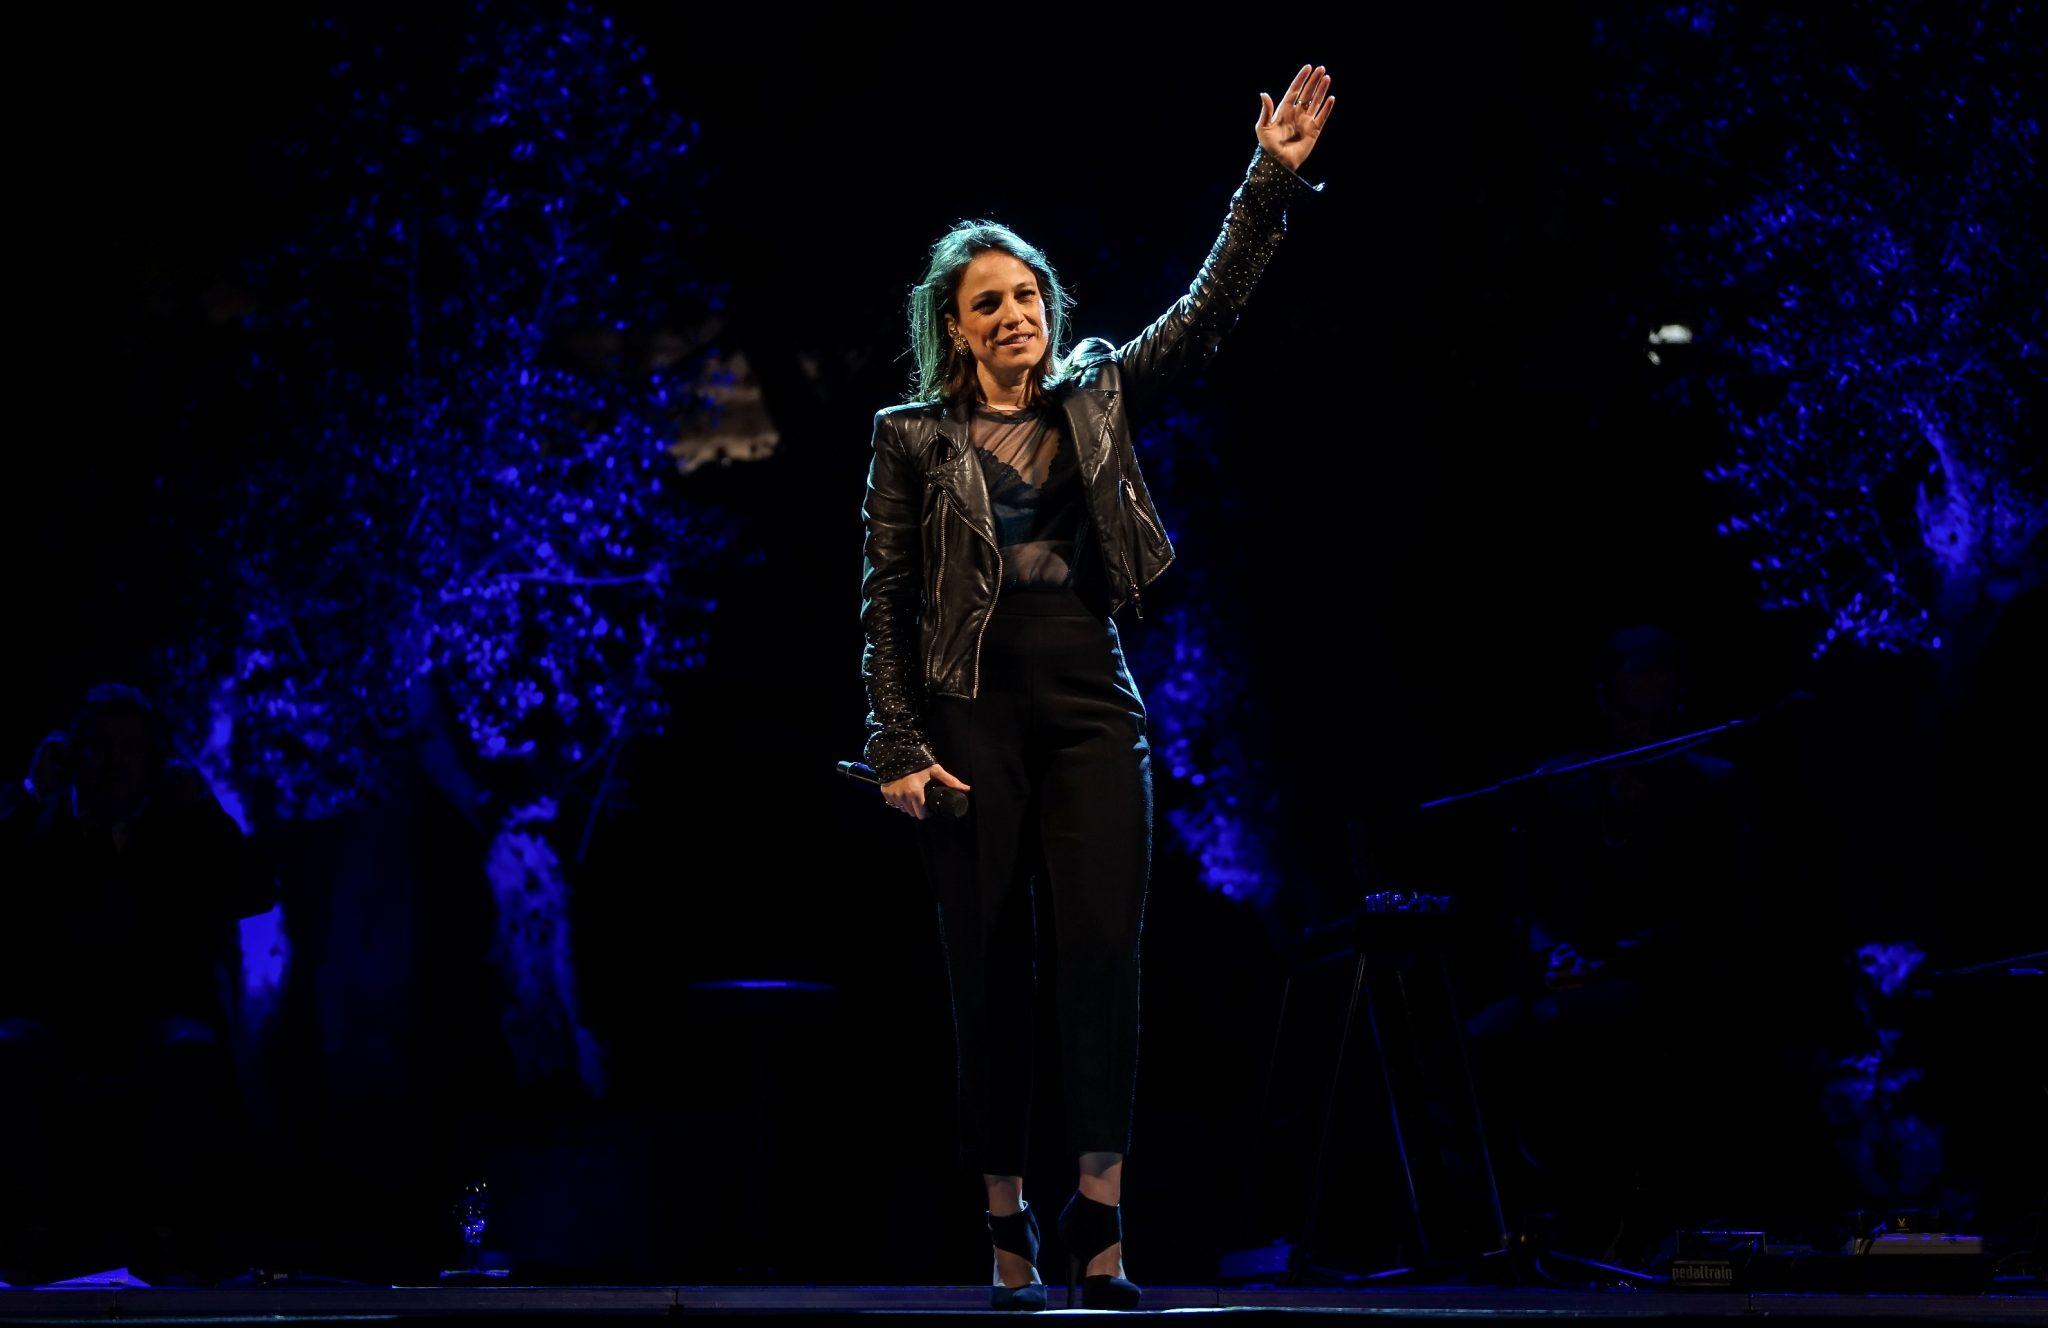 Carminho, em cima do palco, de braço no ar acenando ao público. A fadista está vestida de calças e casaco preto